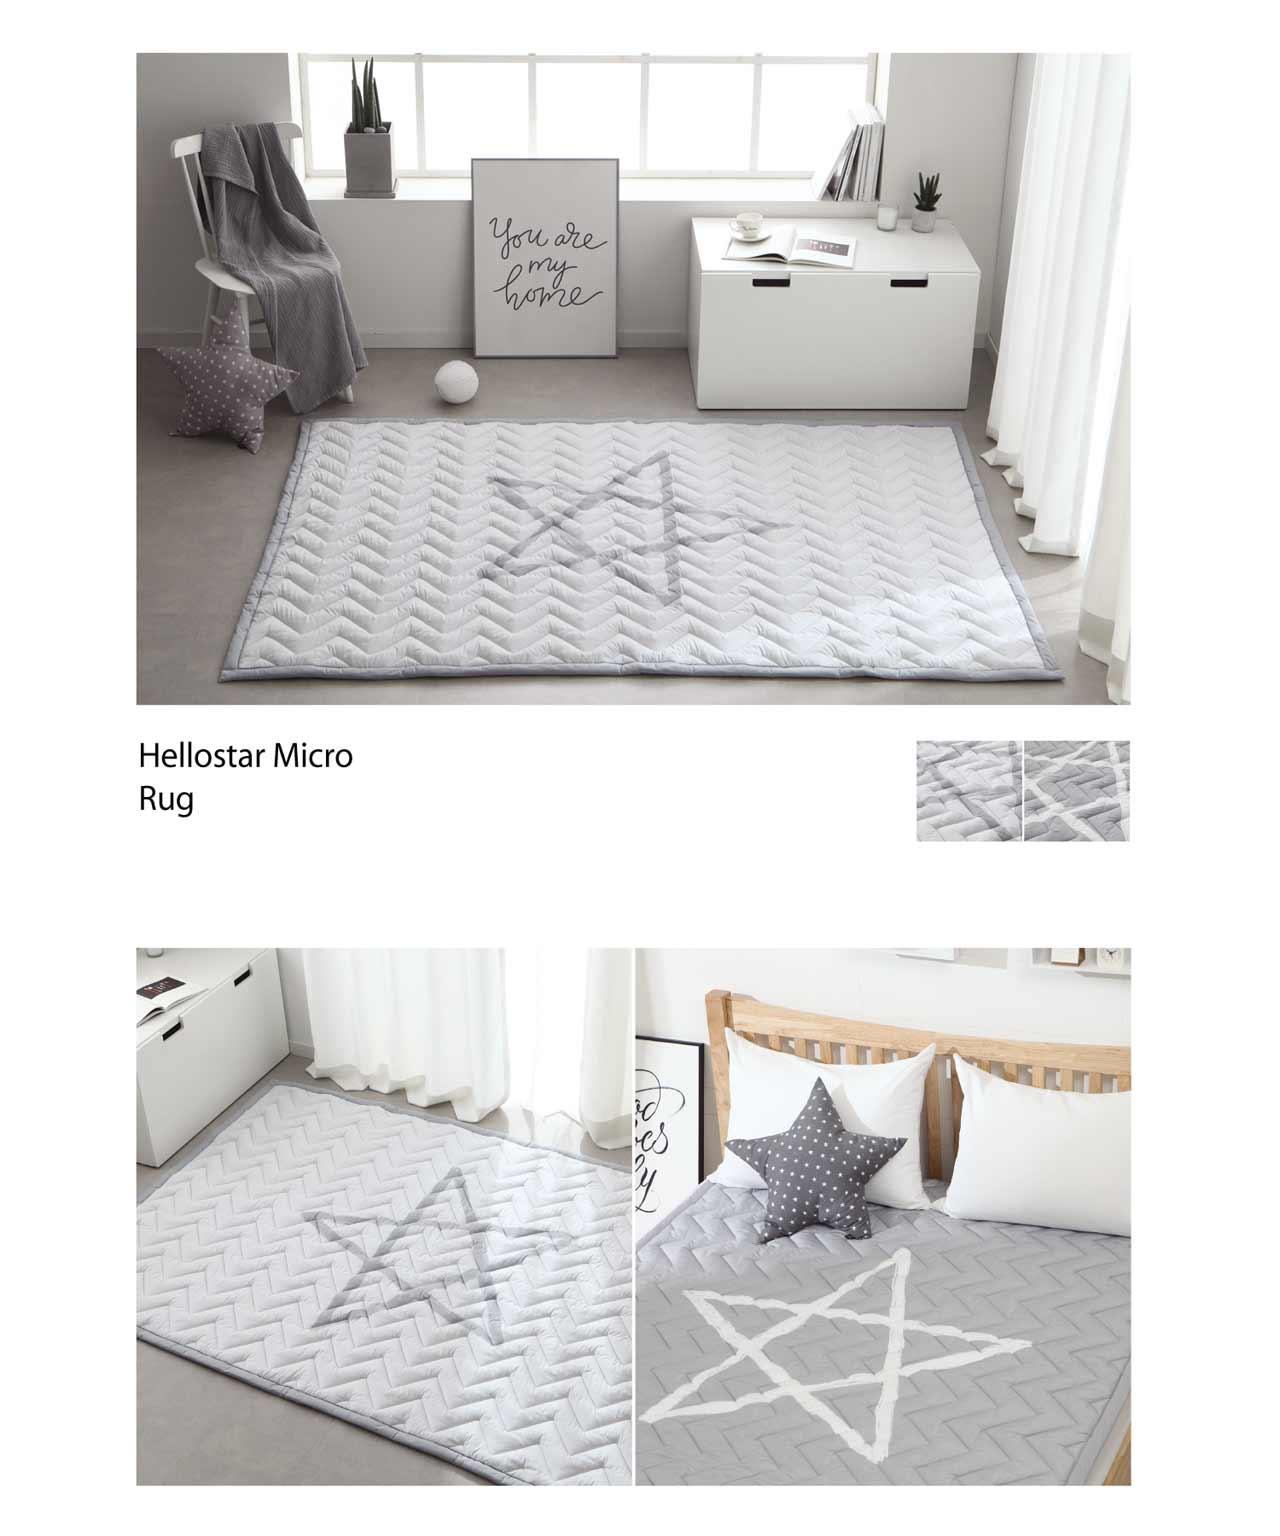 Tấm lot sàn giường Hellostar Micro